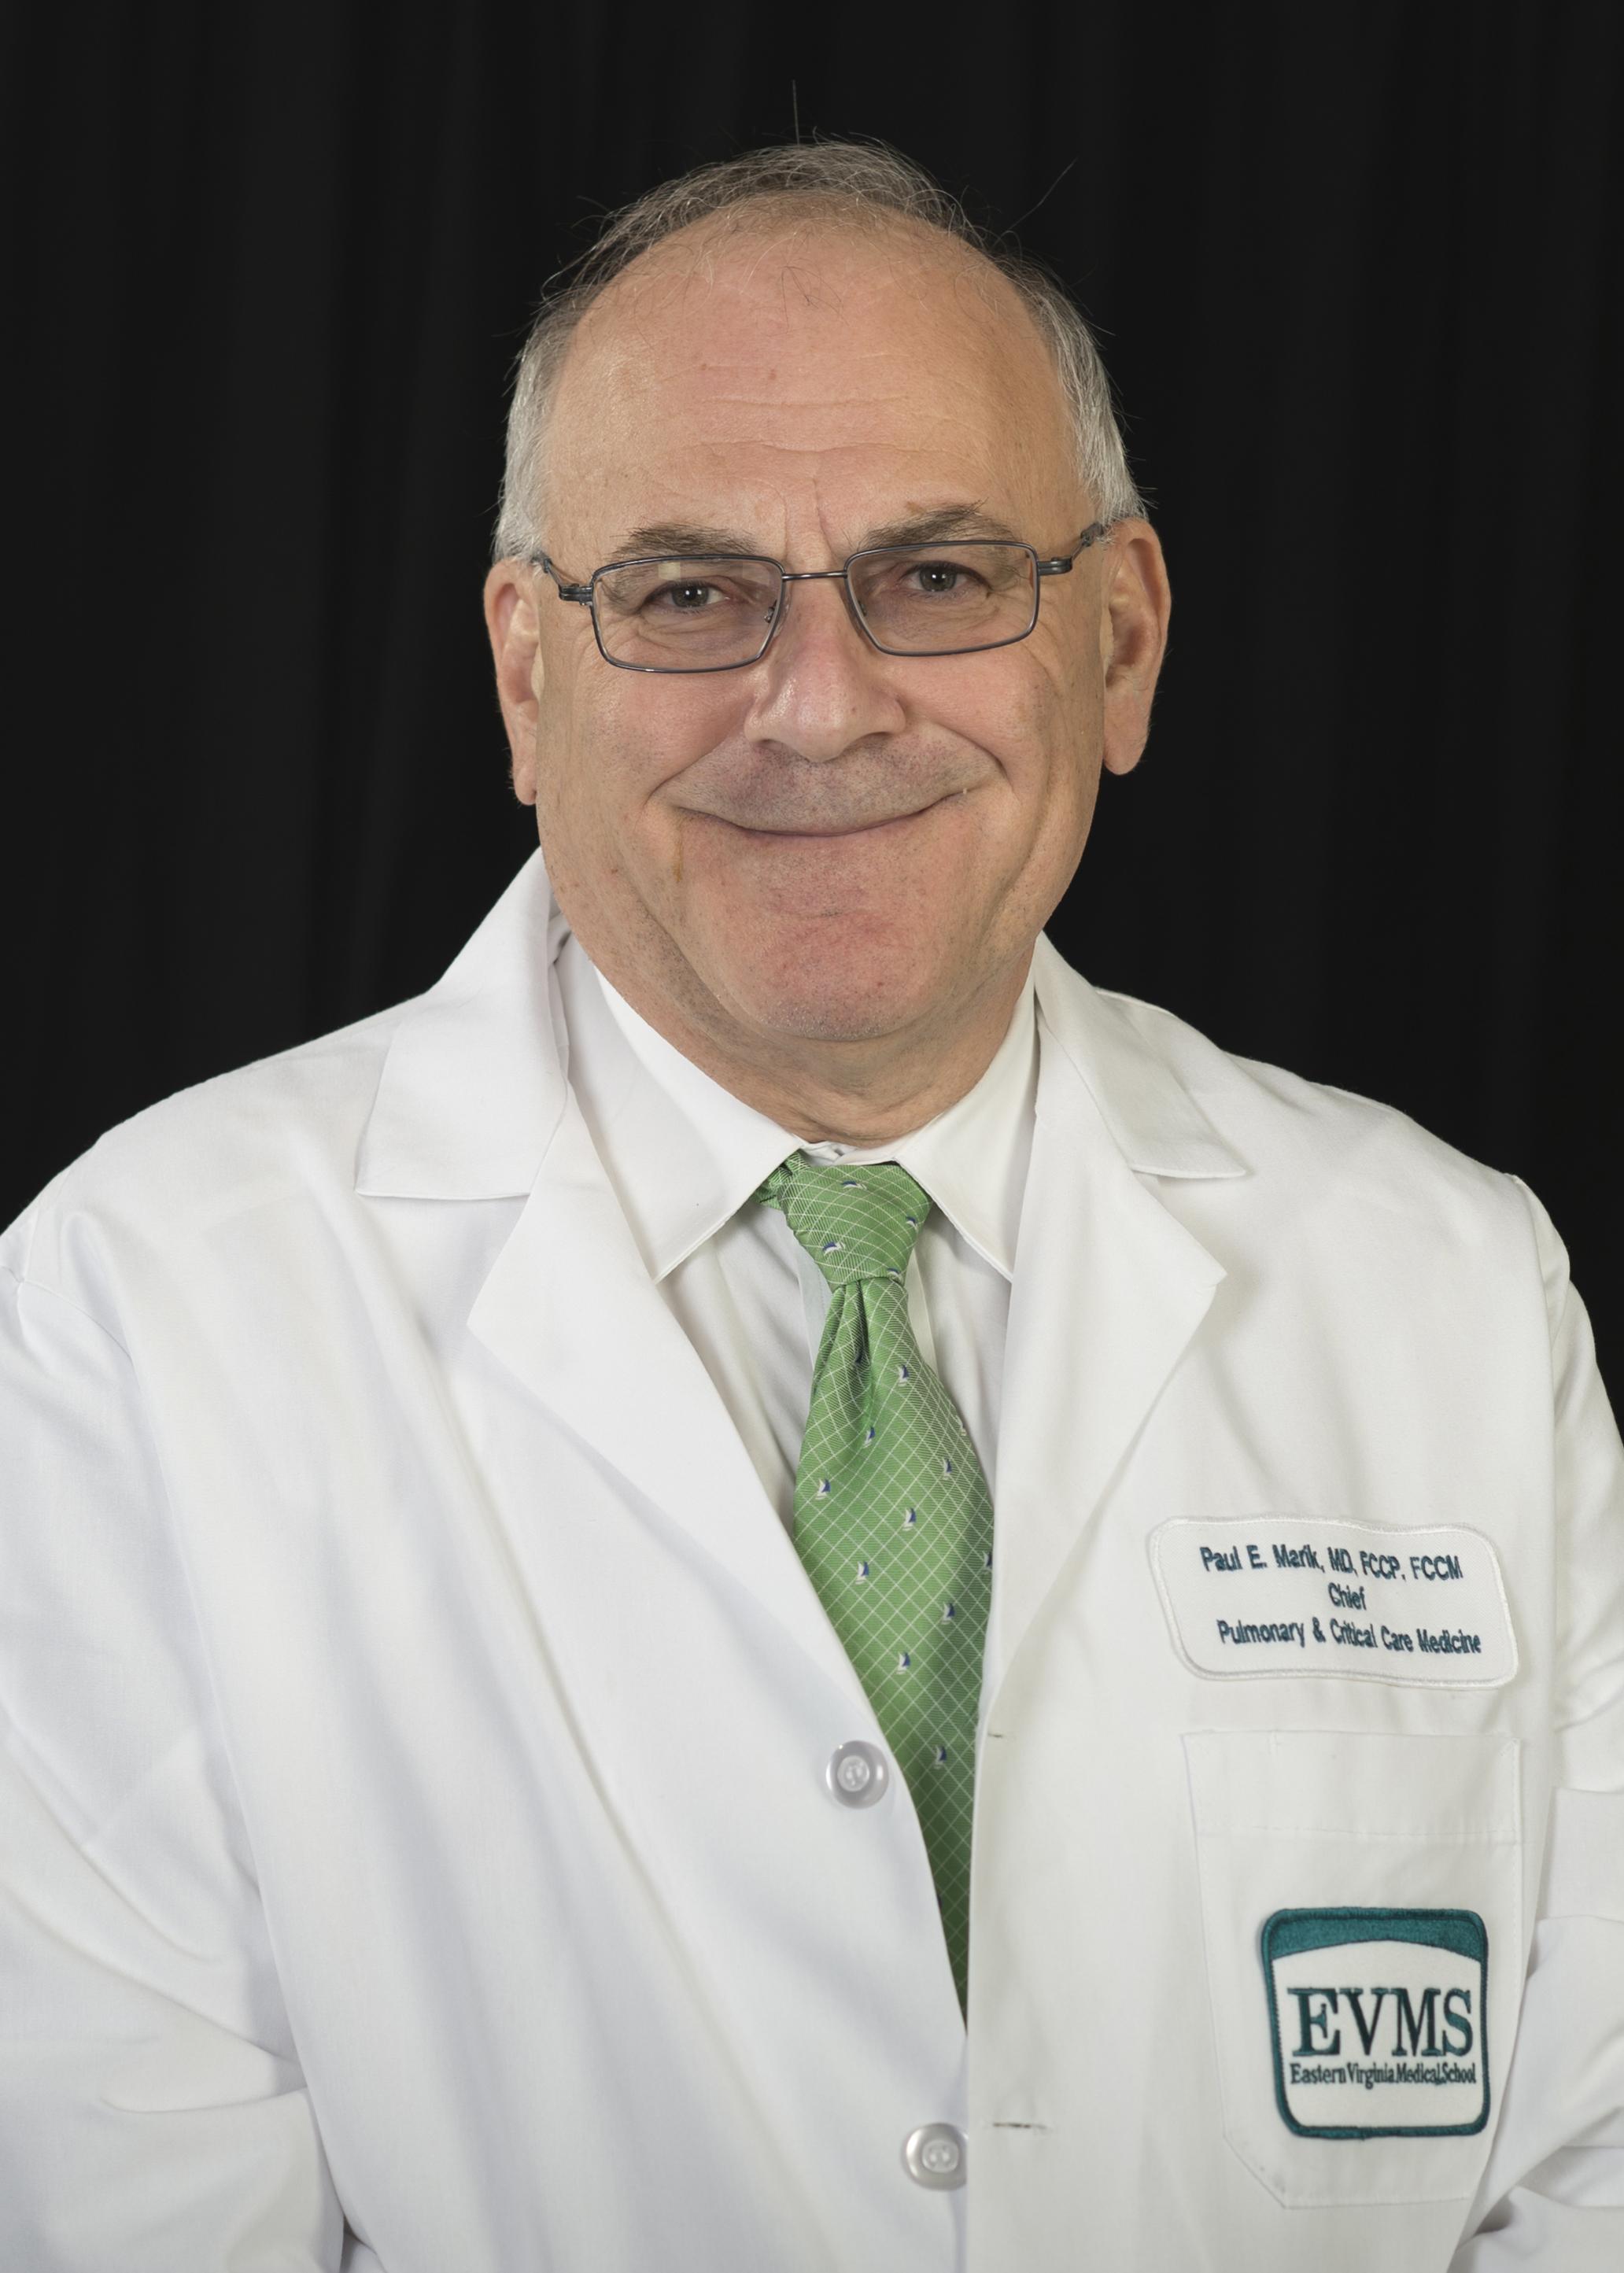 Headshot of Dr. Paul Marik.